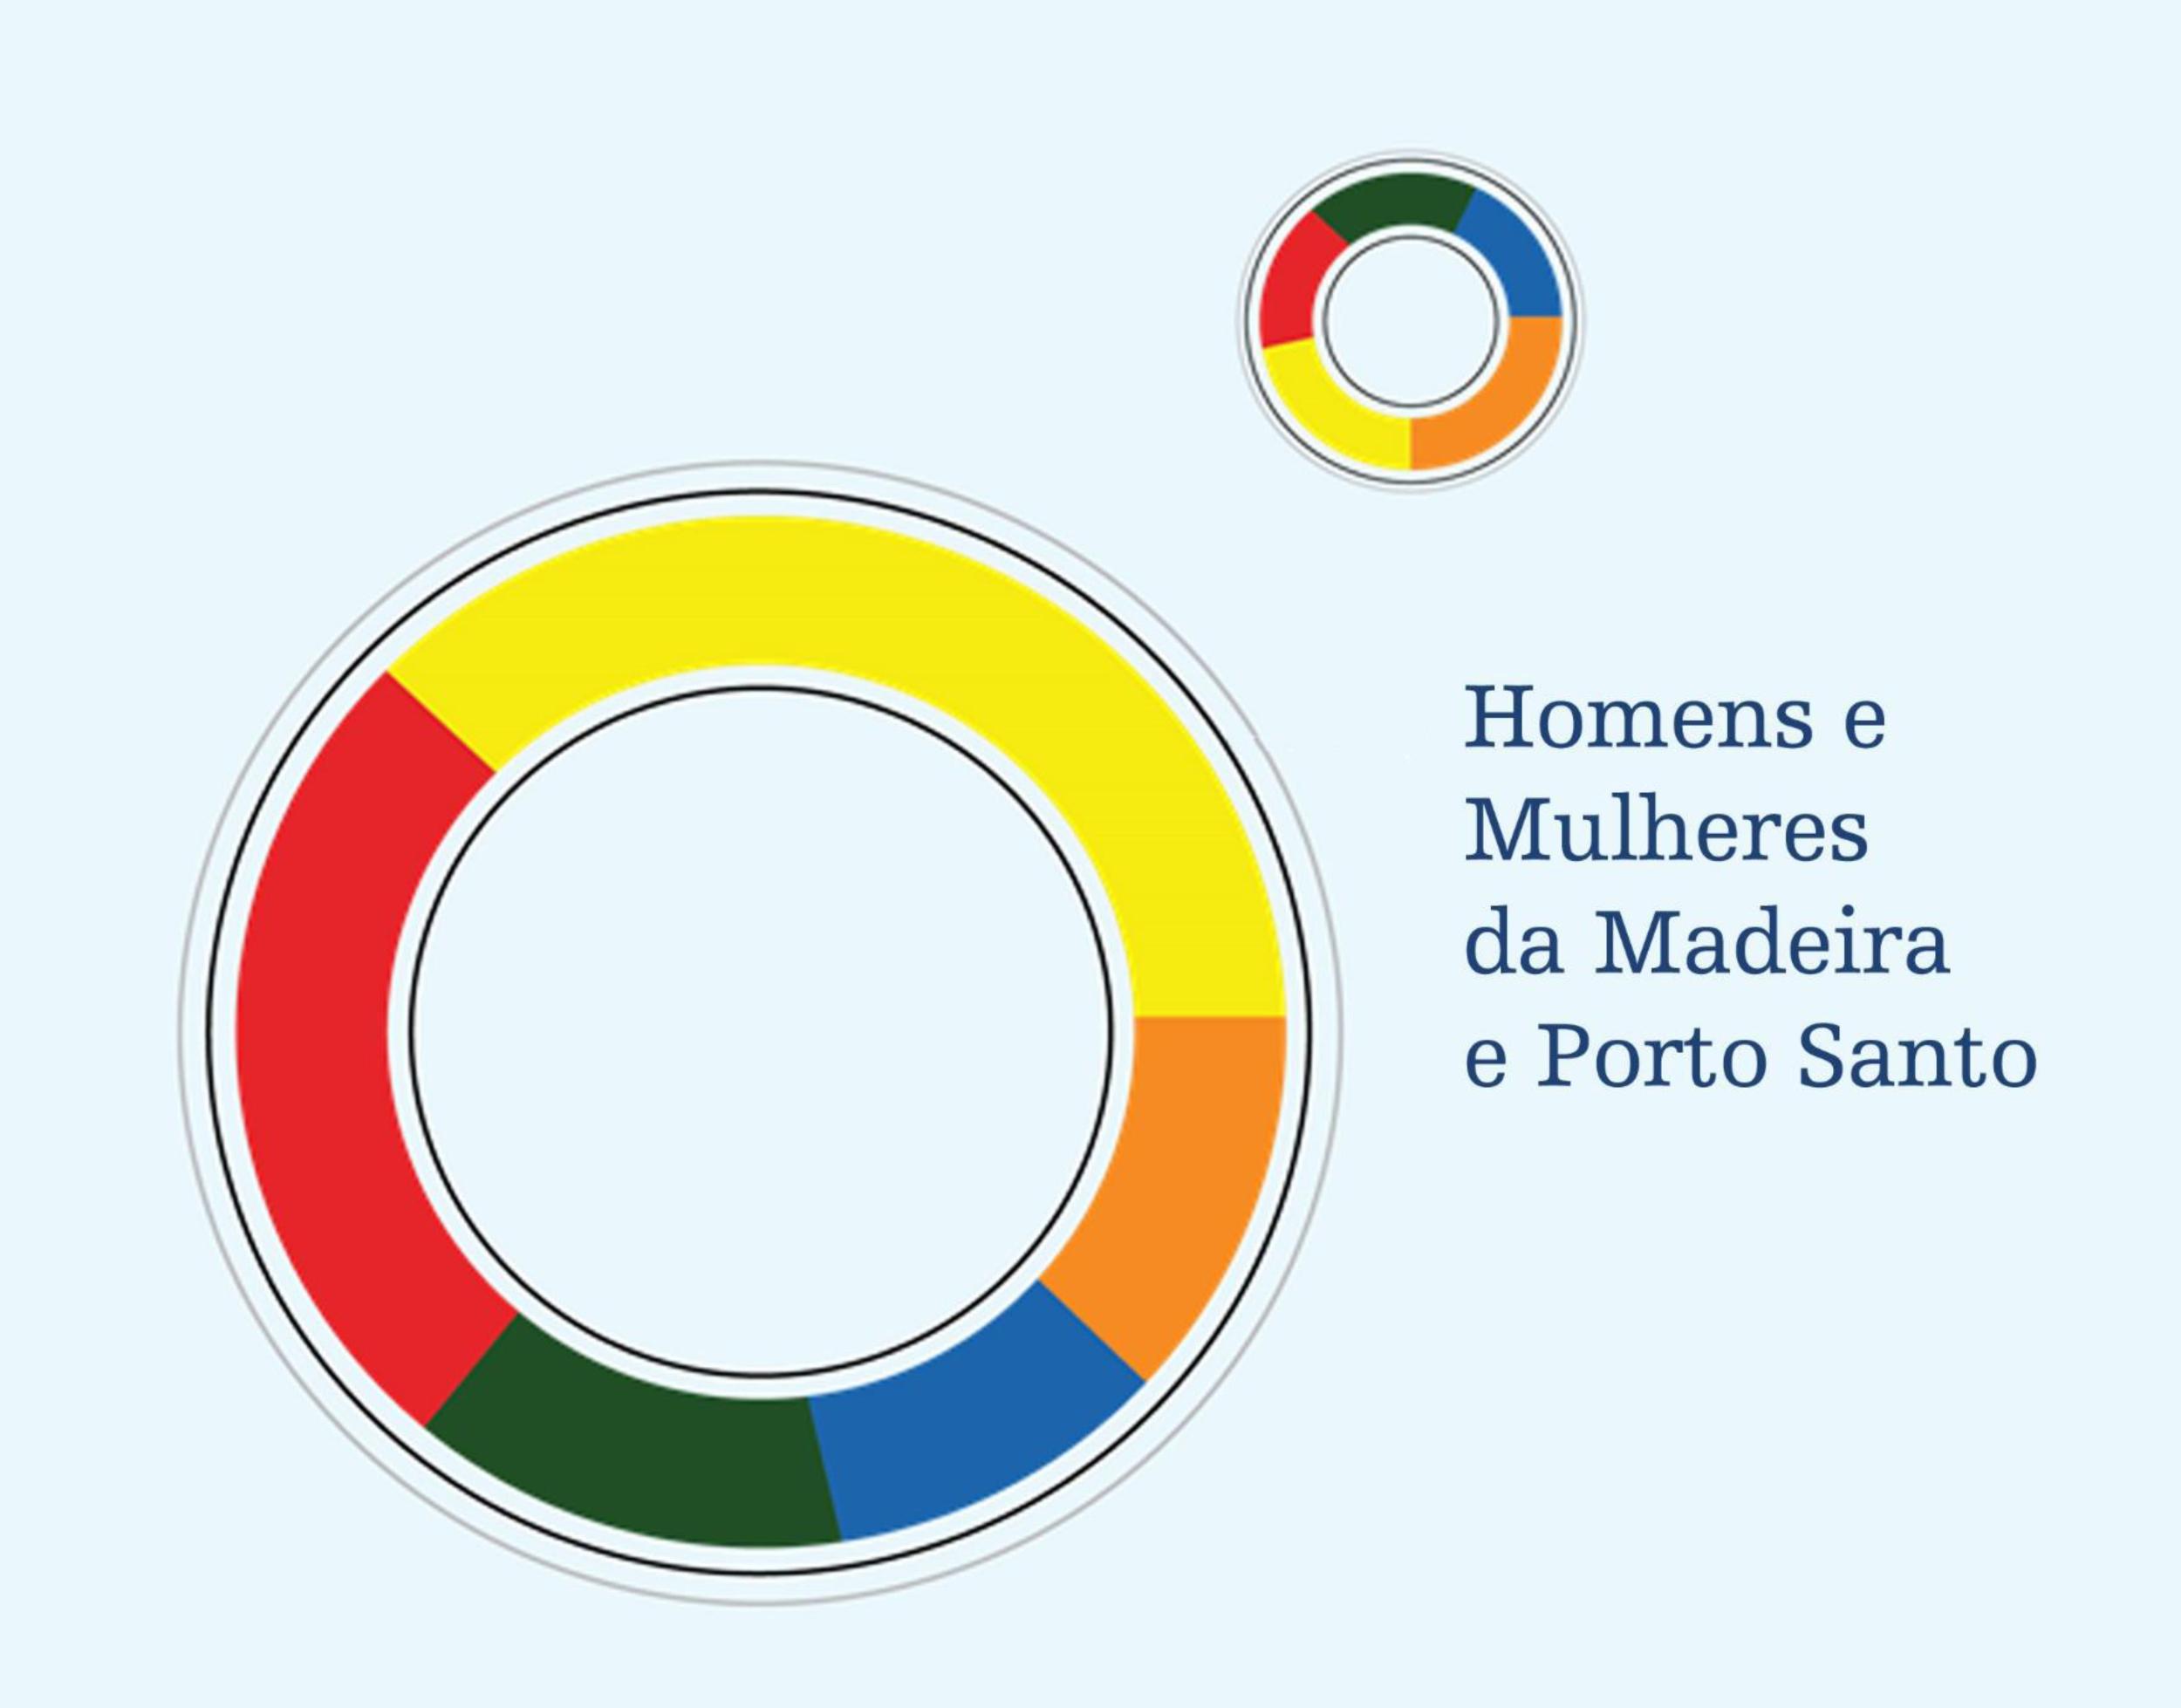 Indicadores Regionais 2020 - Mulheres e Homens da Madeira e do Porto Santo